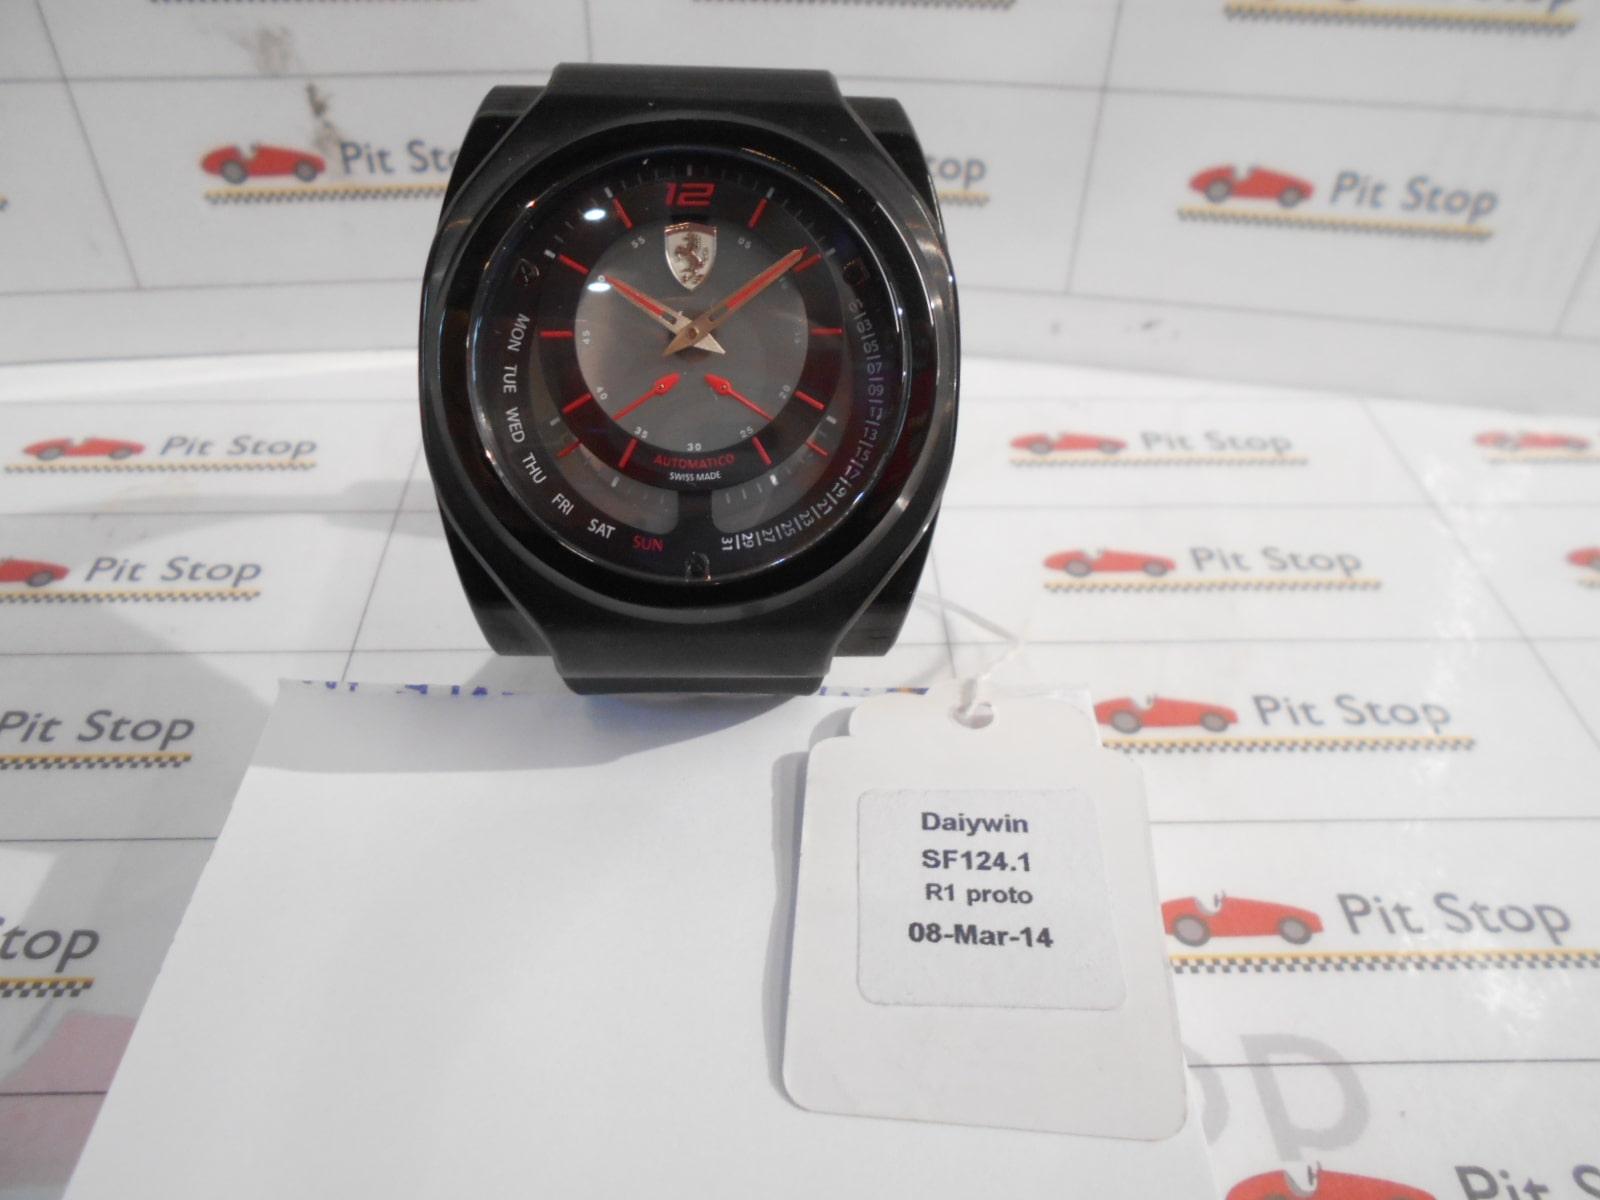 Ferrari orologio prototipo da esposizione